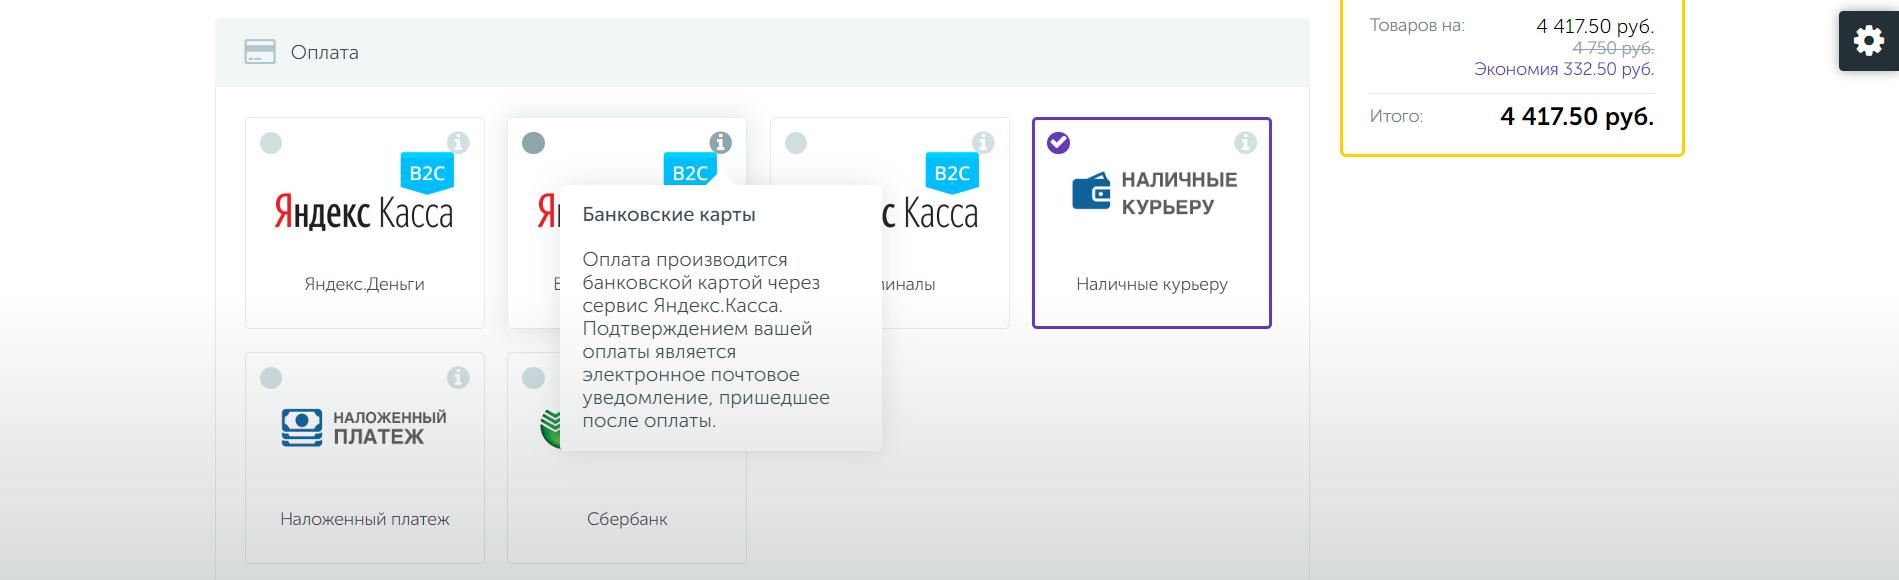 ЭЛЕКТРОСИЛА NEXT - Платежные системы 1С-Битрикс